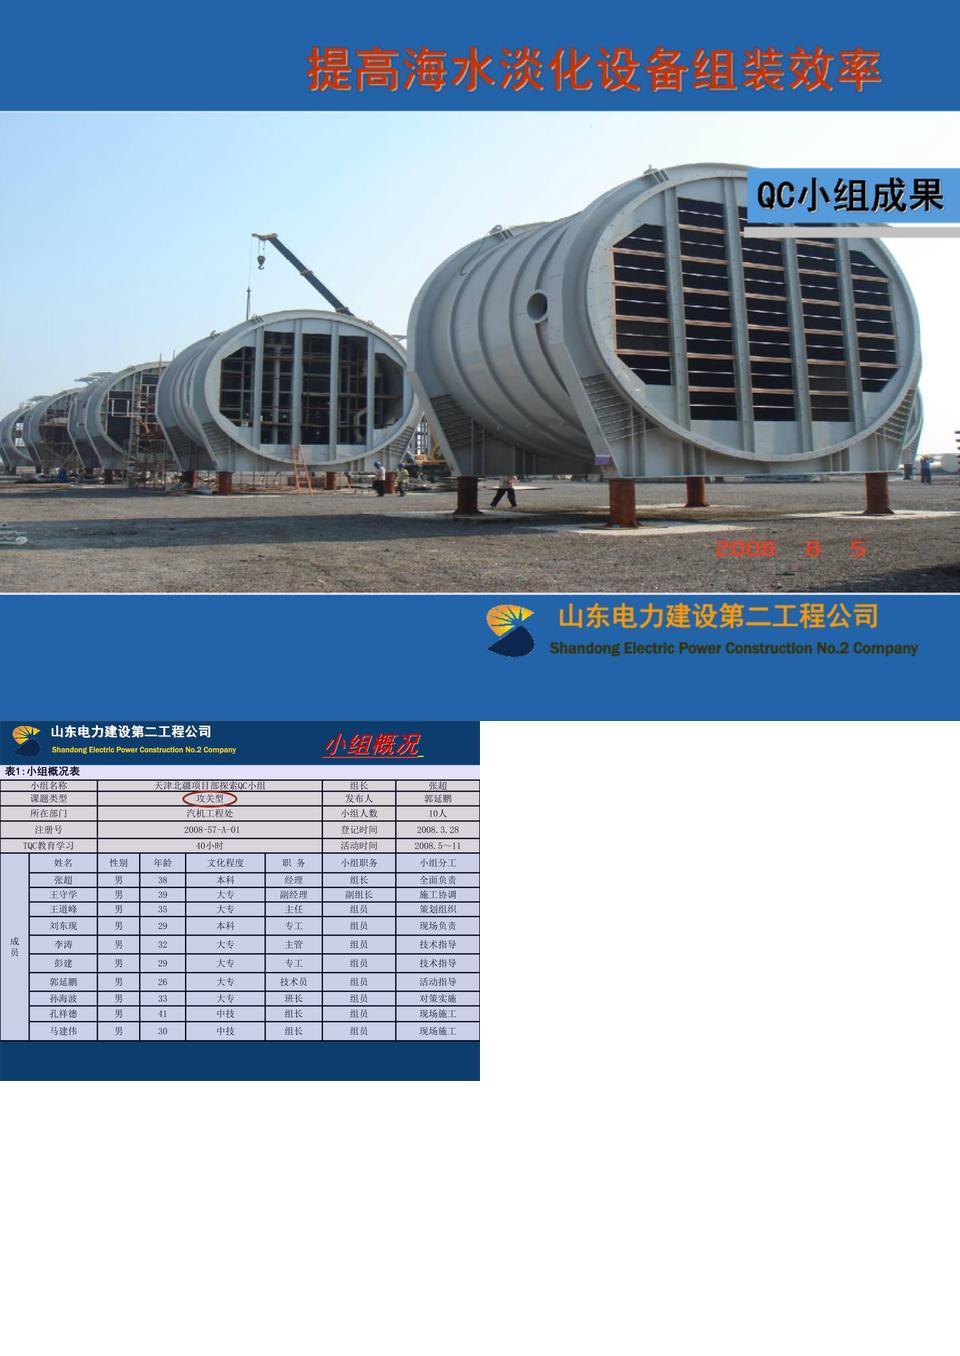 高海水淡化的组装效率QC小组.ppt